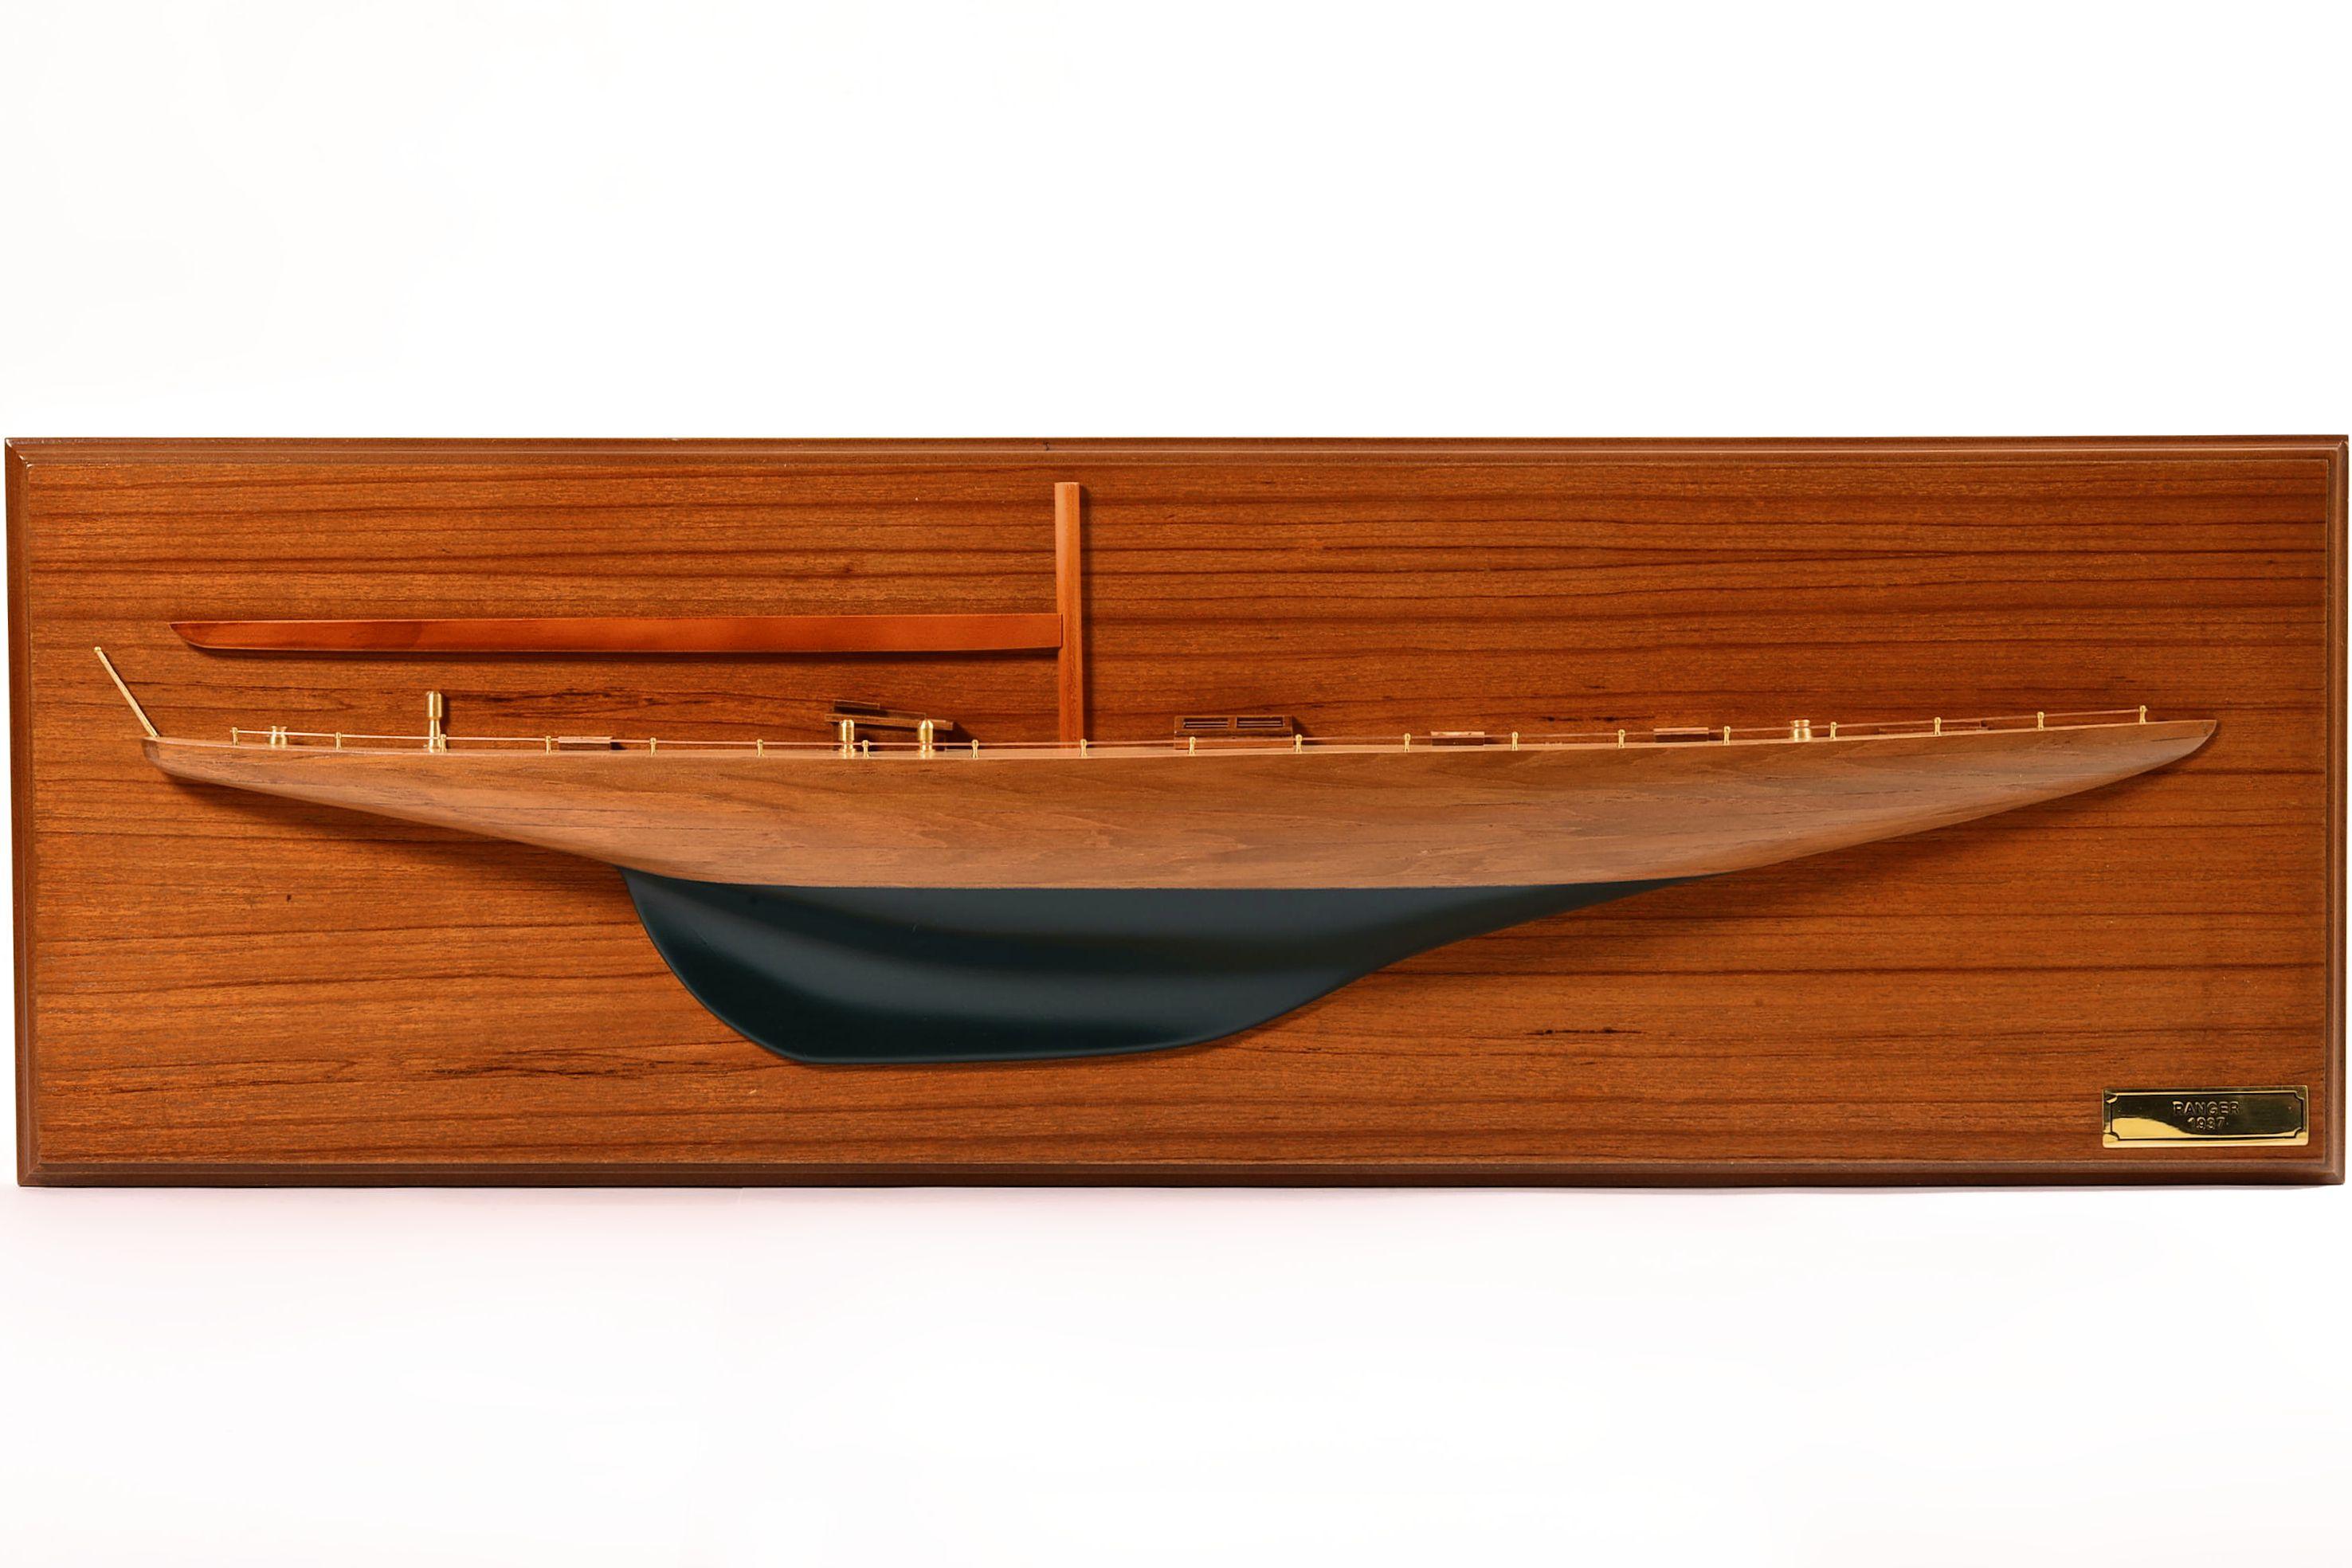 1830-10824-Half-Models